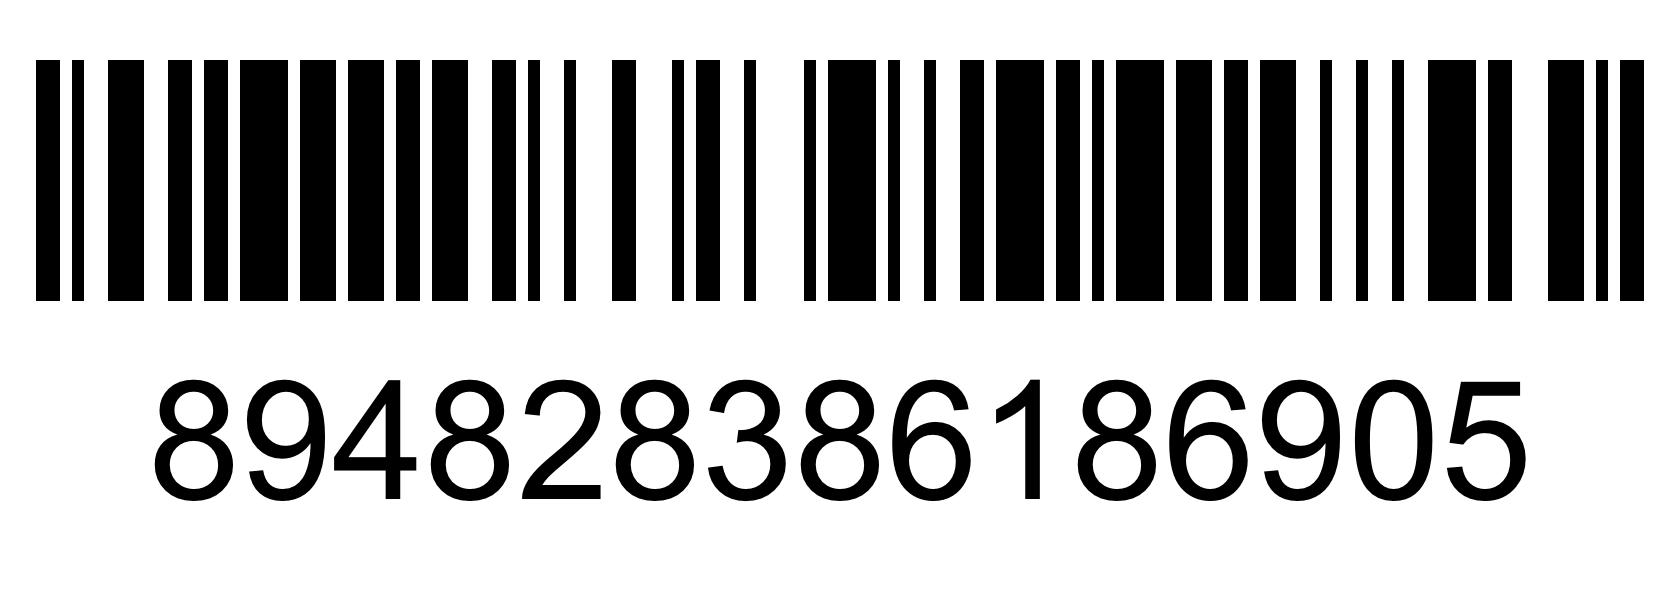 Barcode - 89482838618690